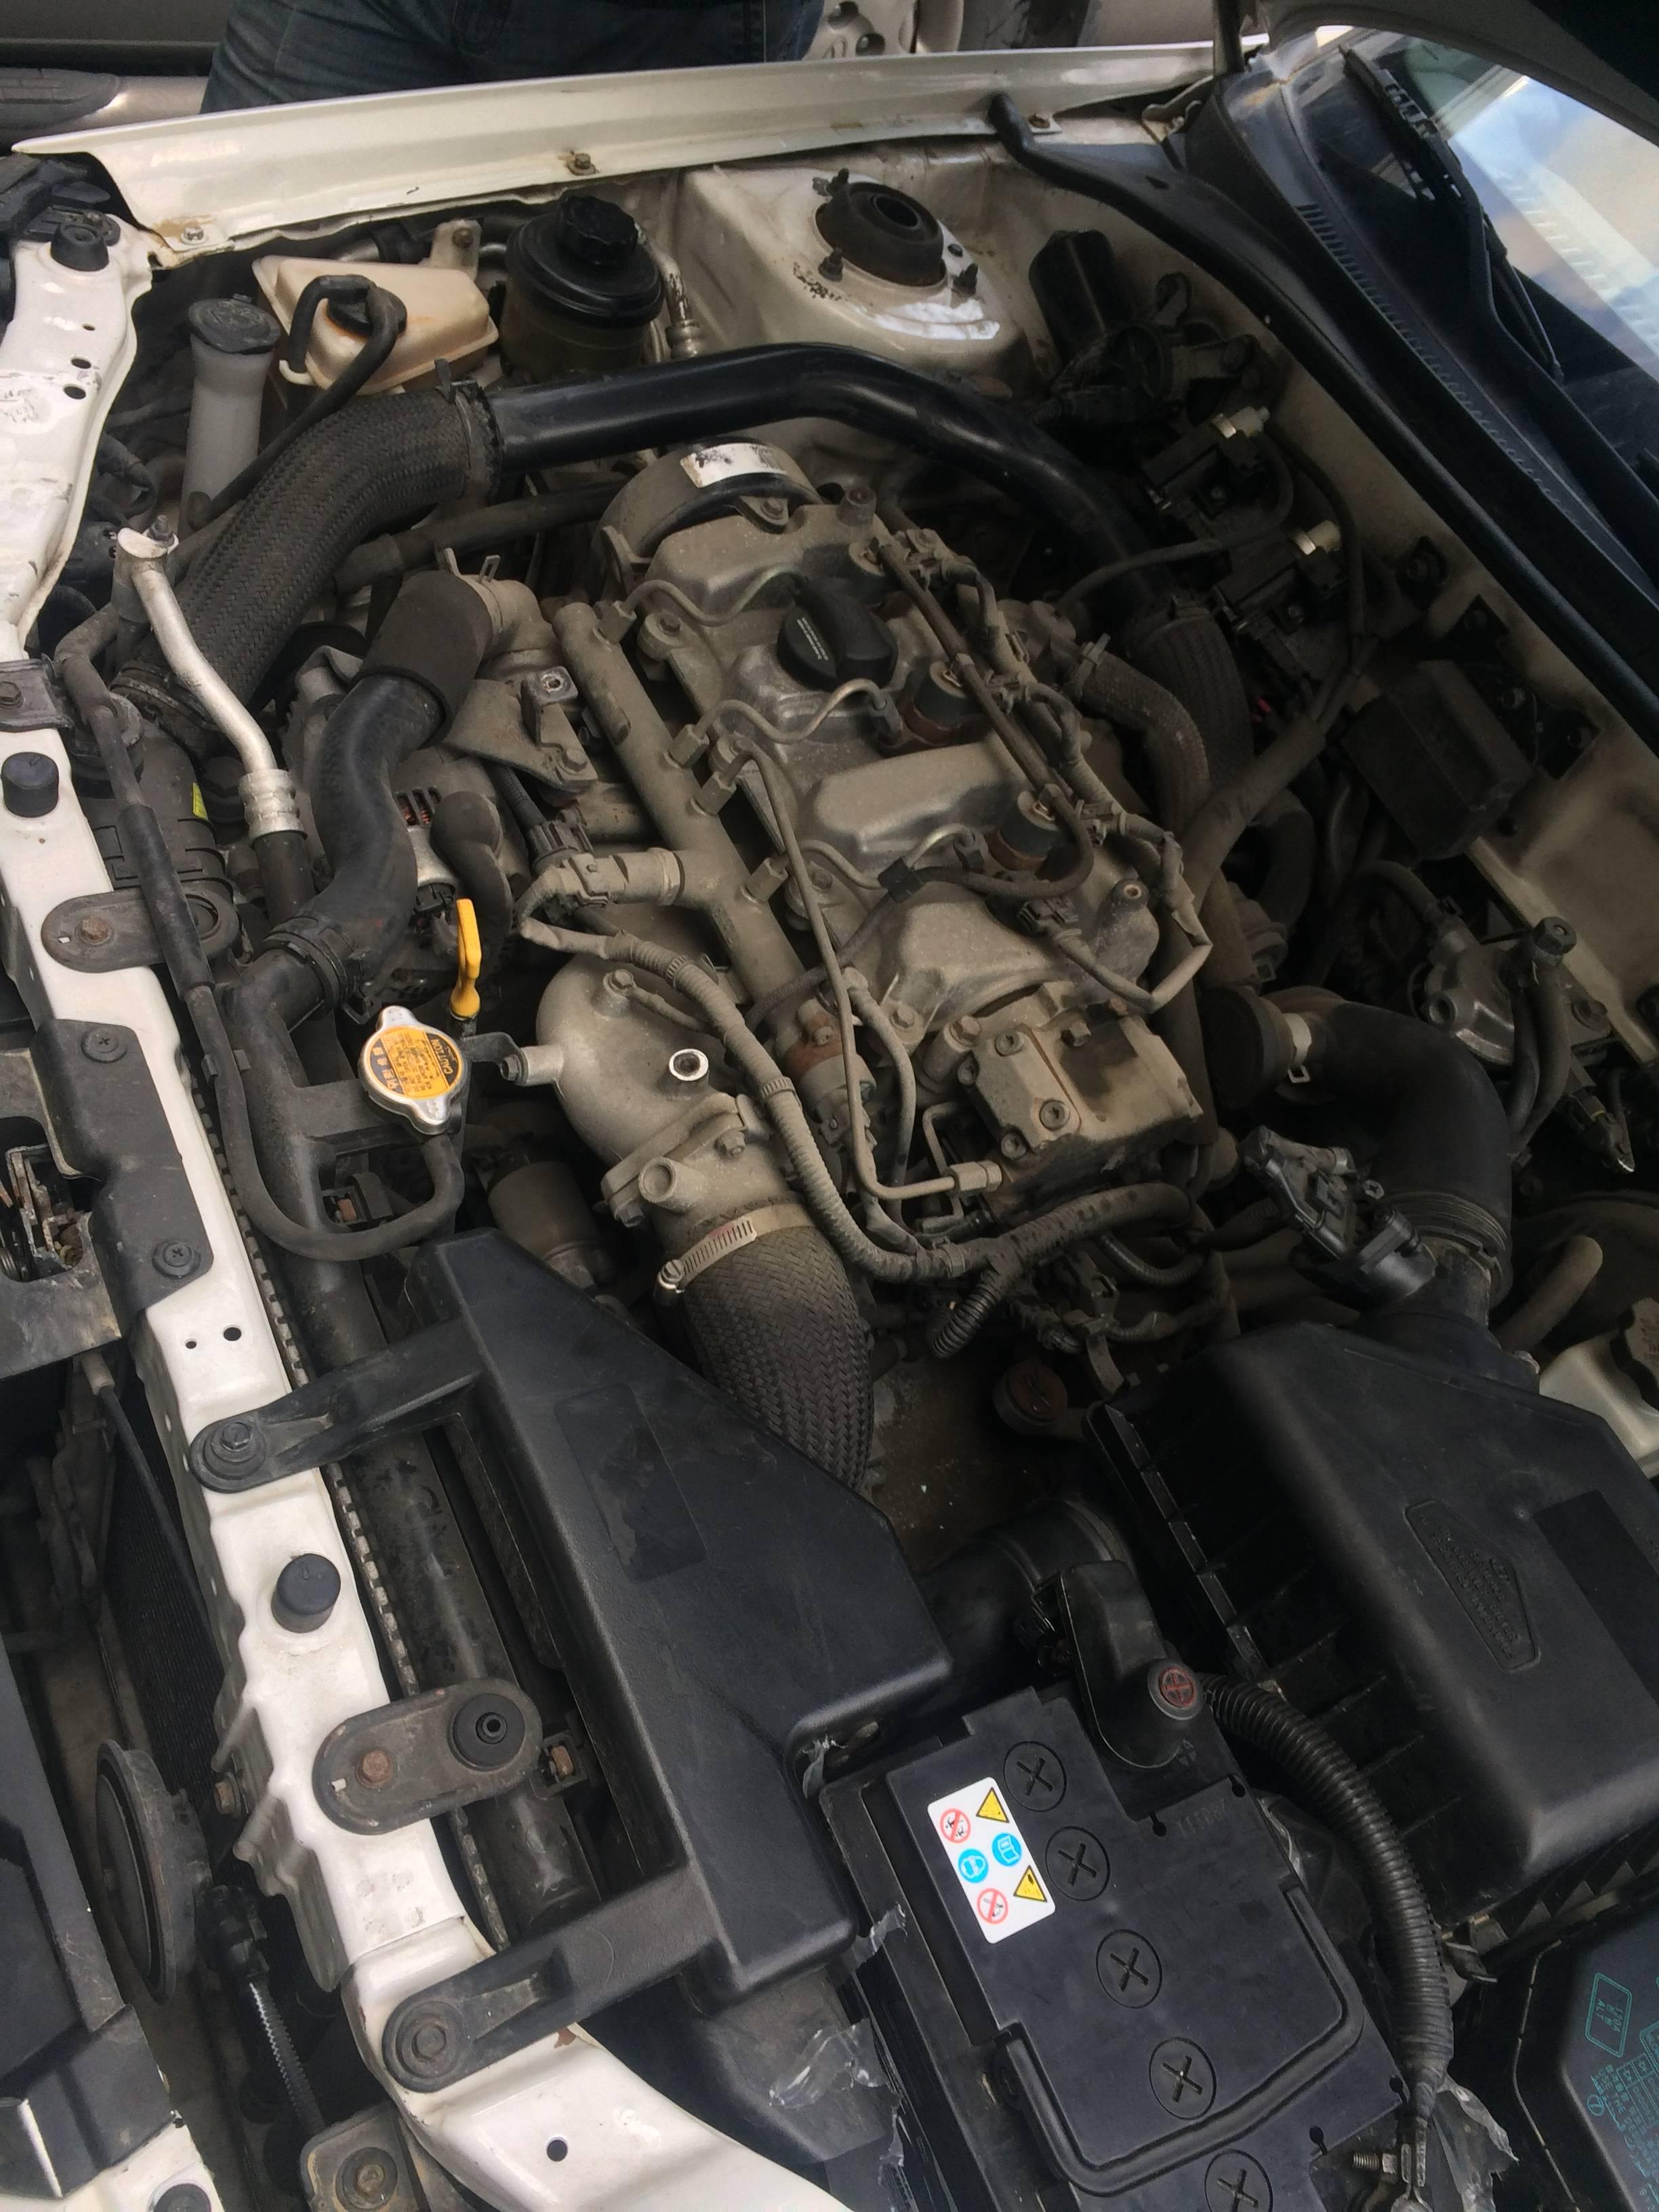 Hyundai accent 1.5 crdi 2005 admireTriger ve Vantilatör kayışı değişimi